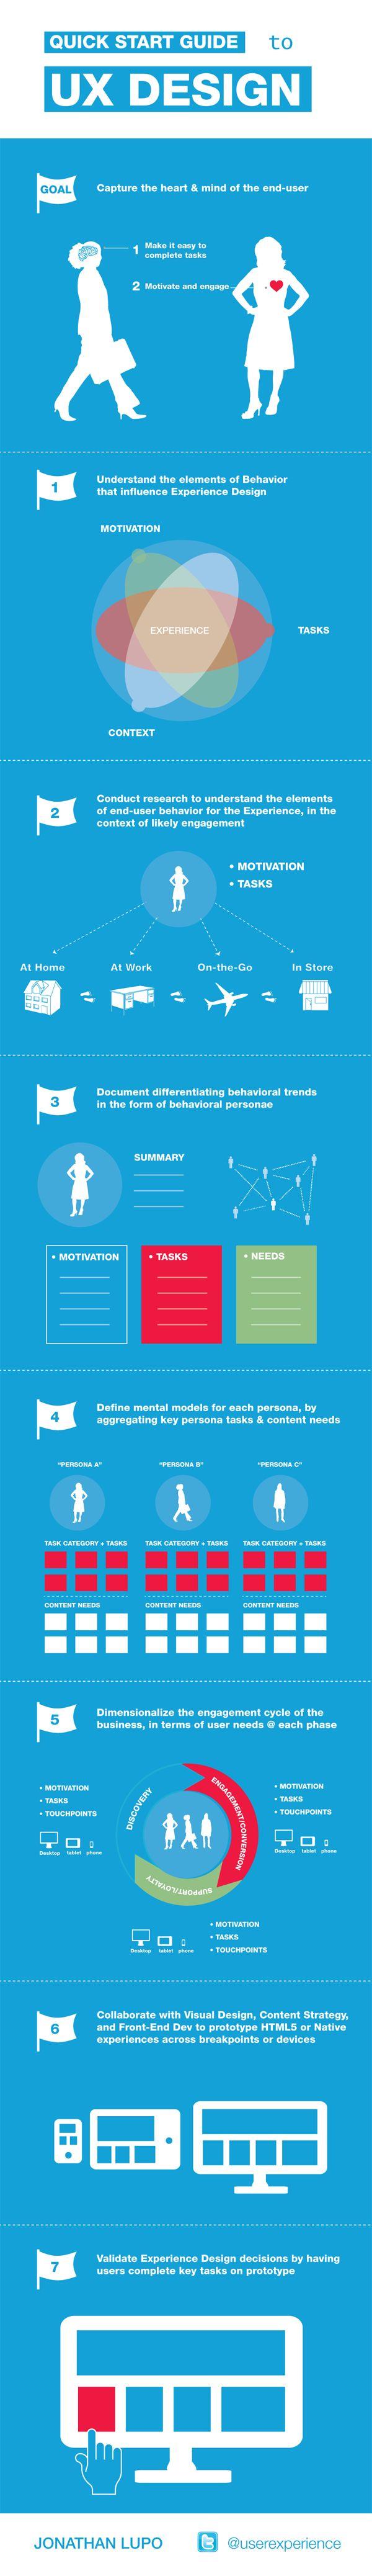 Comment concevoir l'expérience utilisateur : un guide pratique #UX | #infographics repinned by @Piktochart